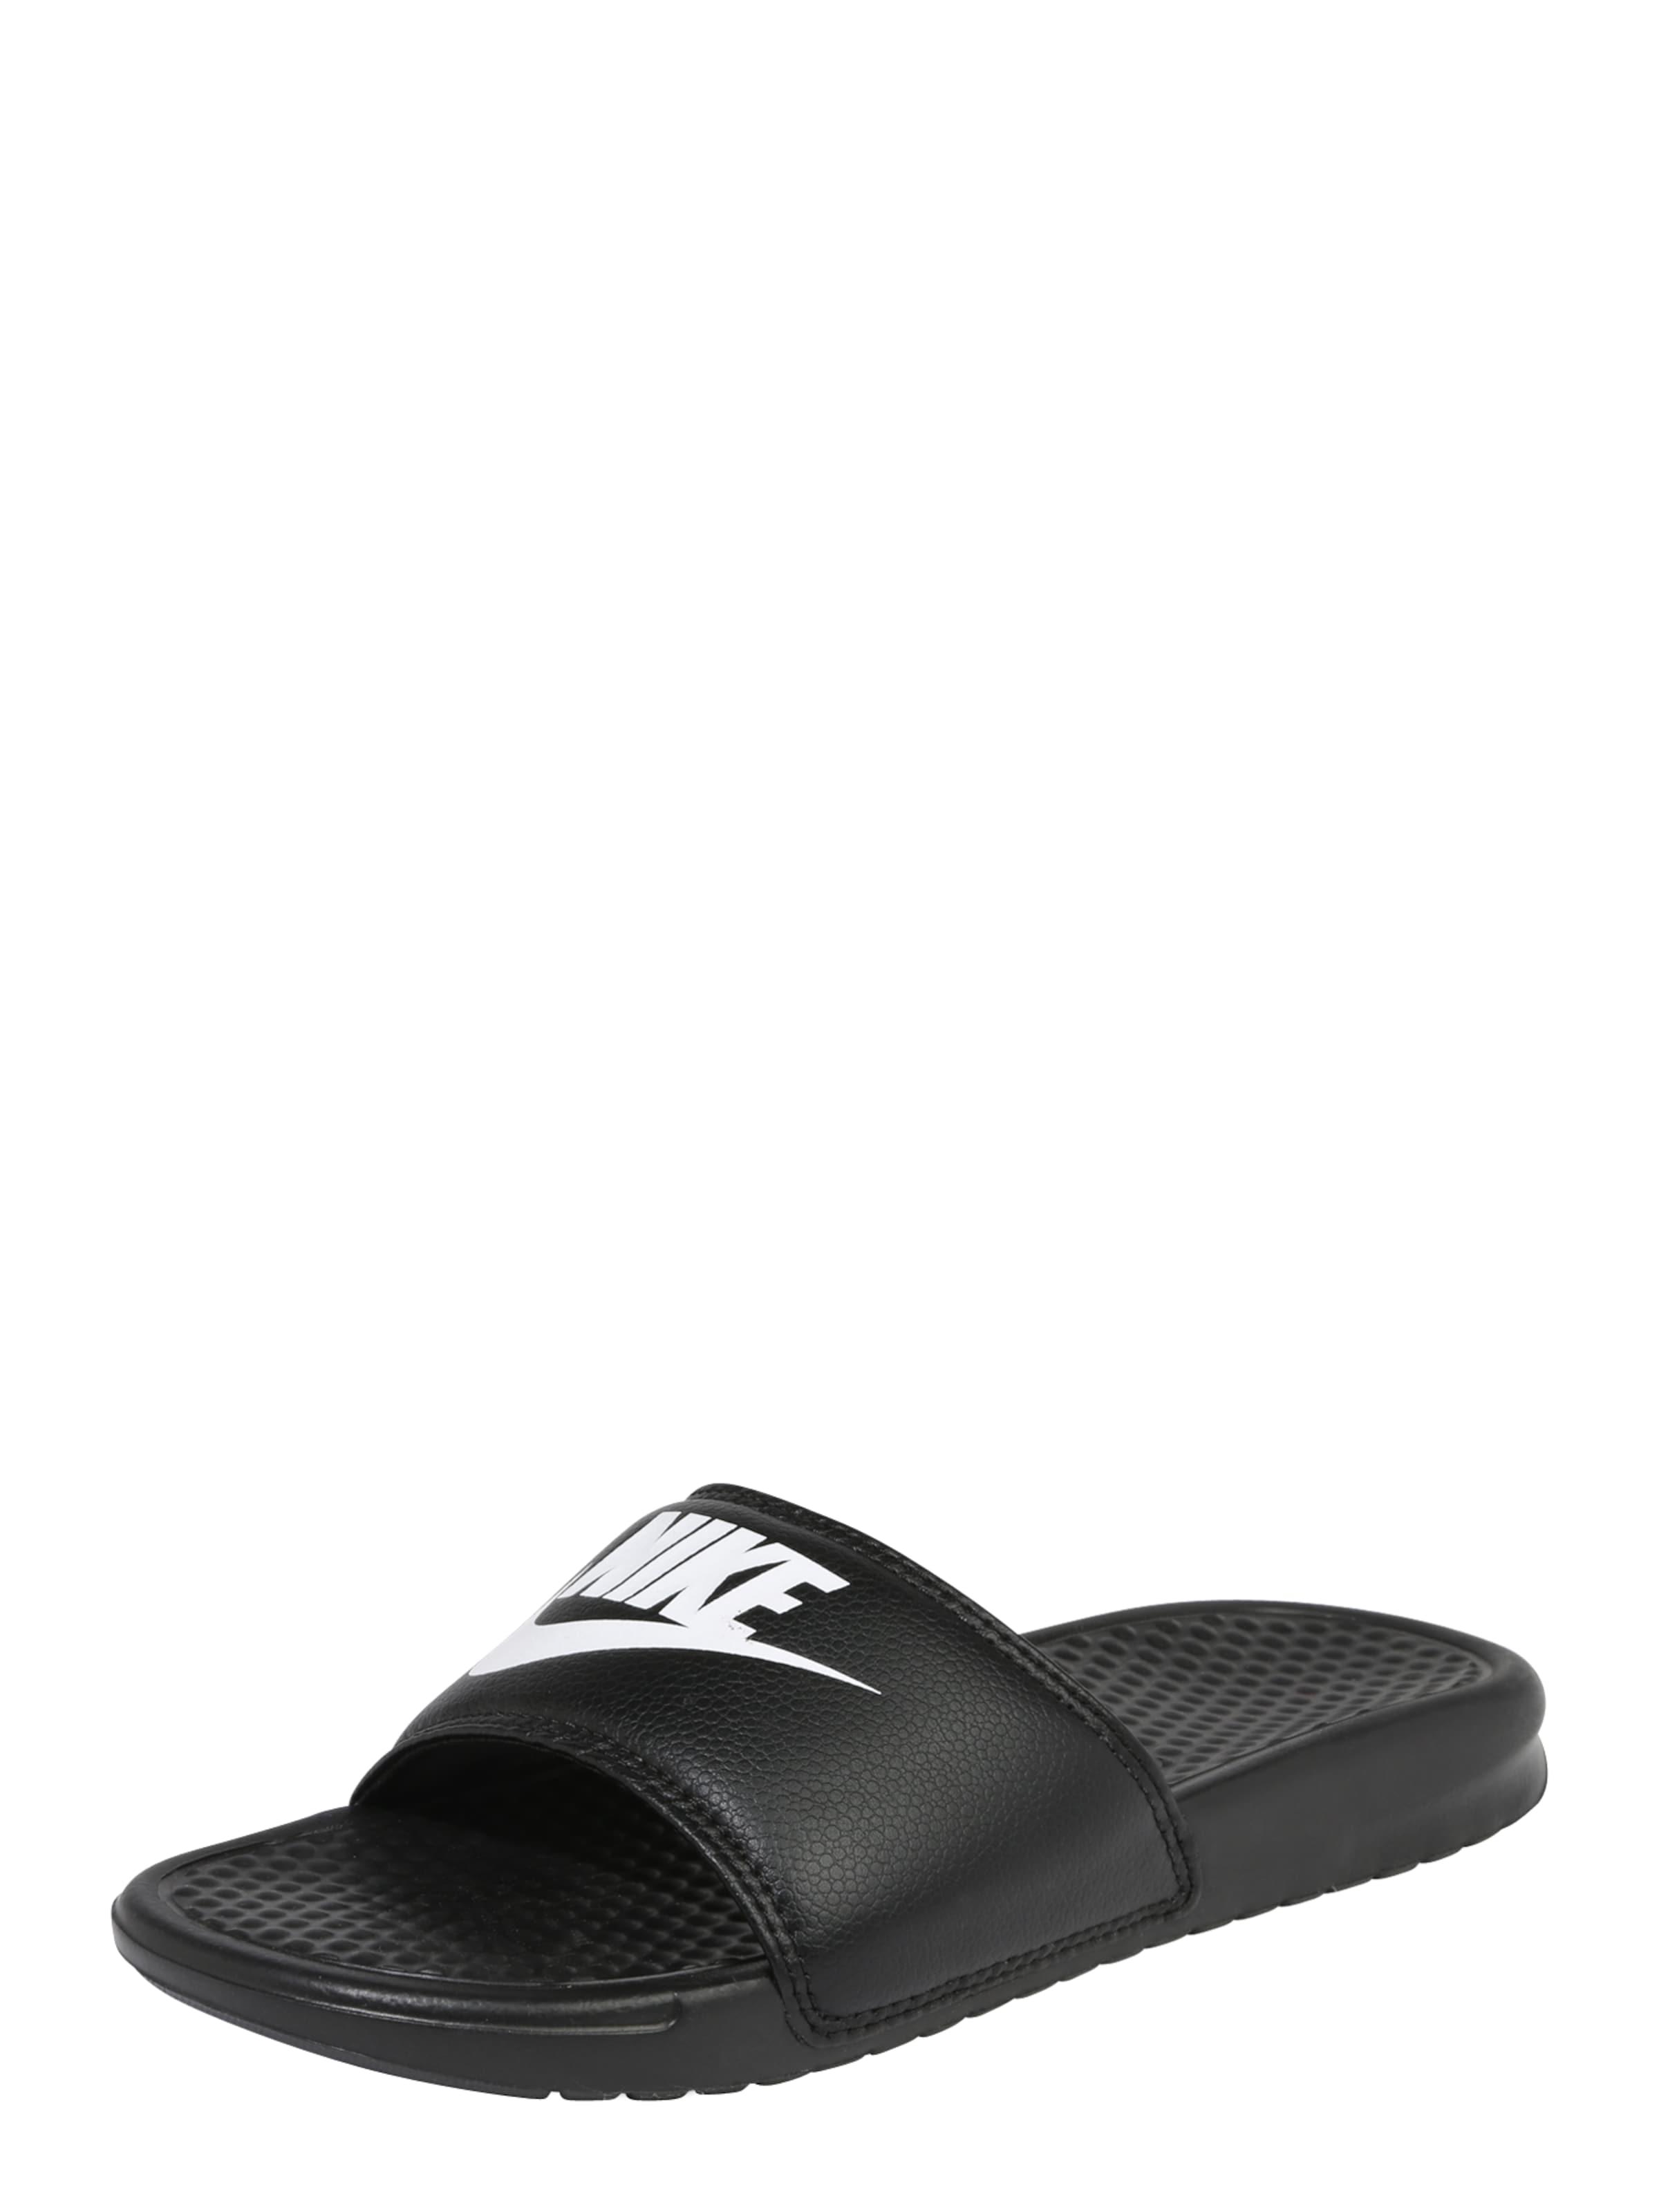 Sandalen Nike In Sportswear 'benassi' SchwarzWeiß ZOkXTuPi